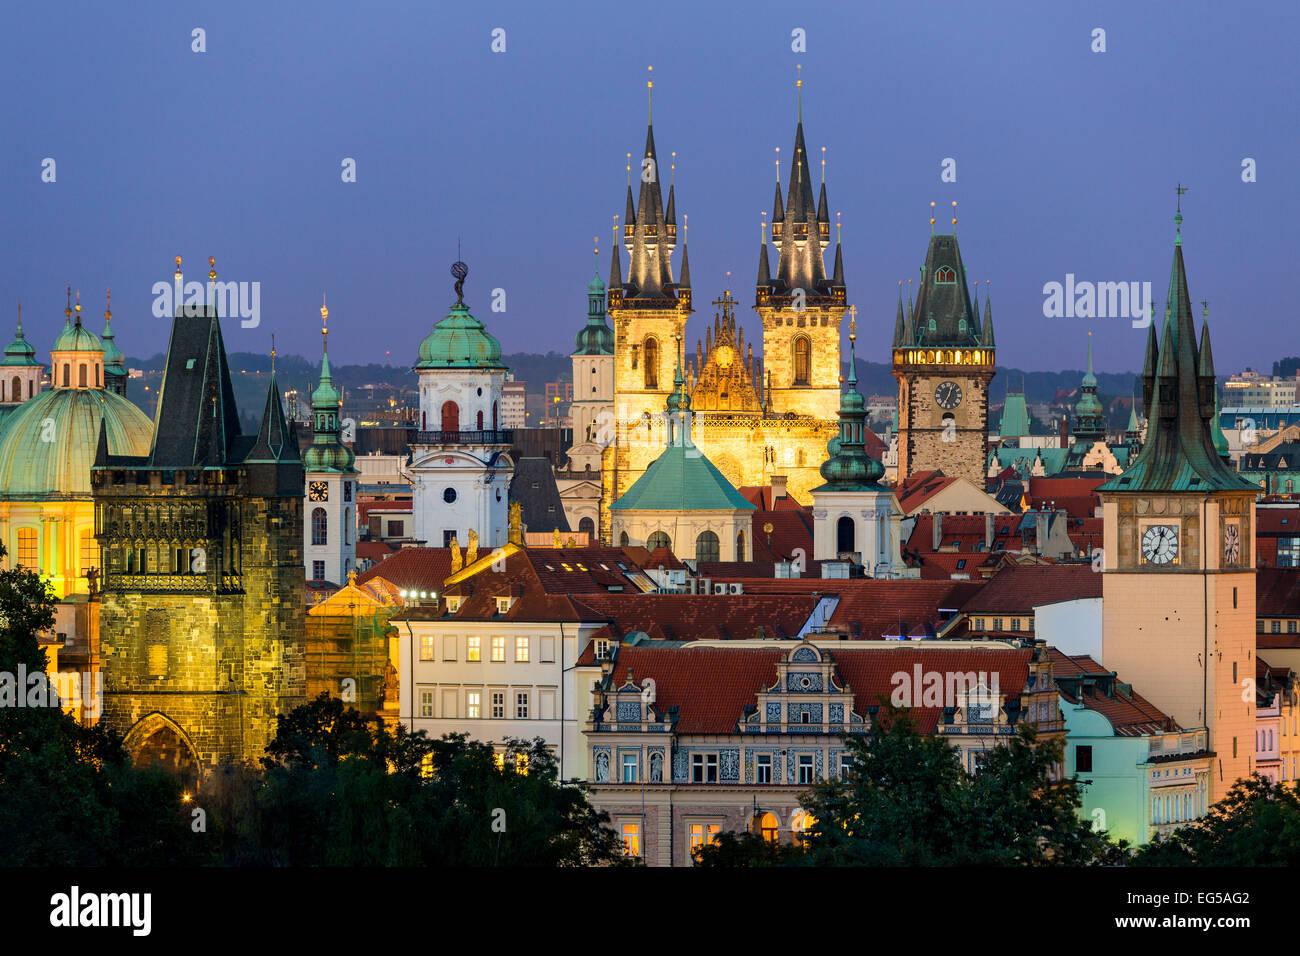 Skyline von Prag in der Abenddämmerung Stockbild